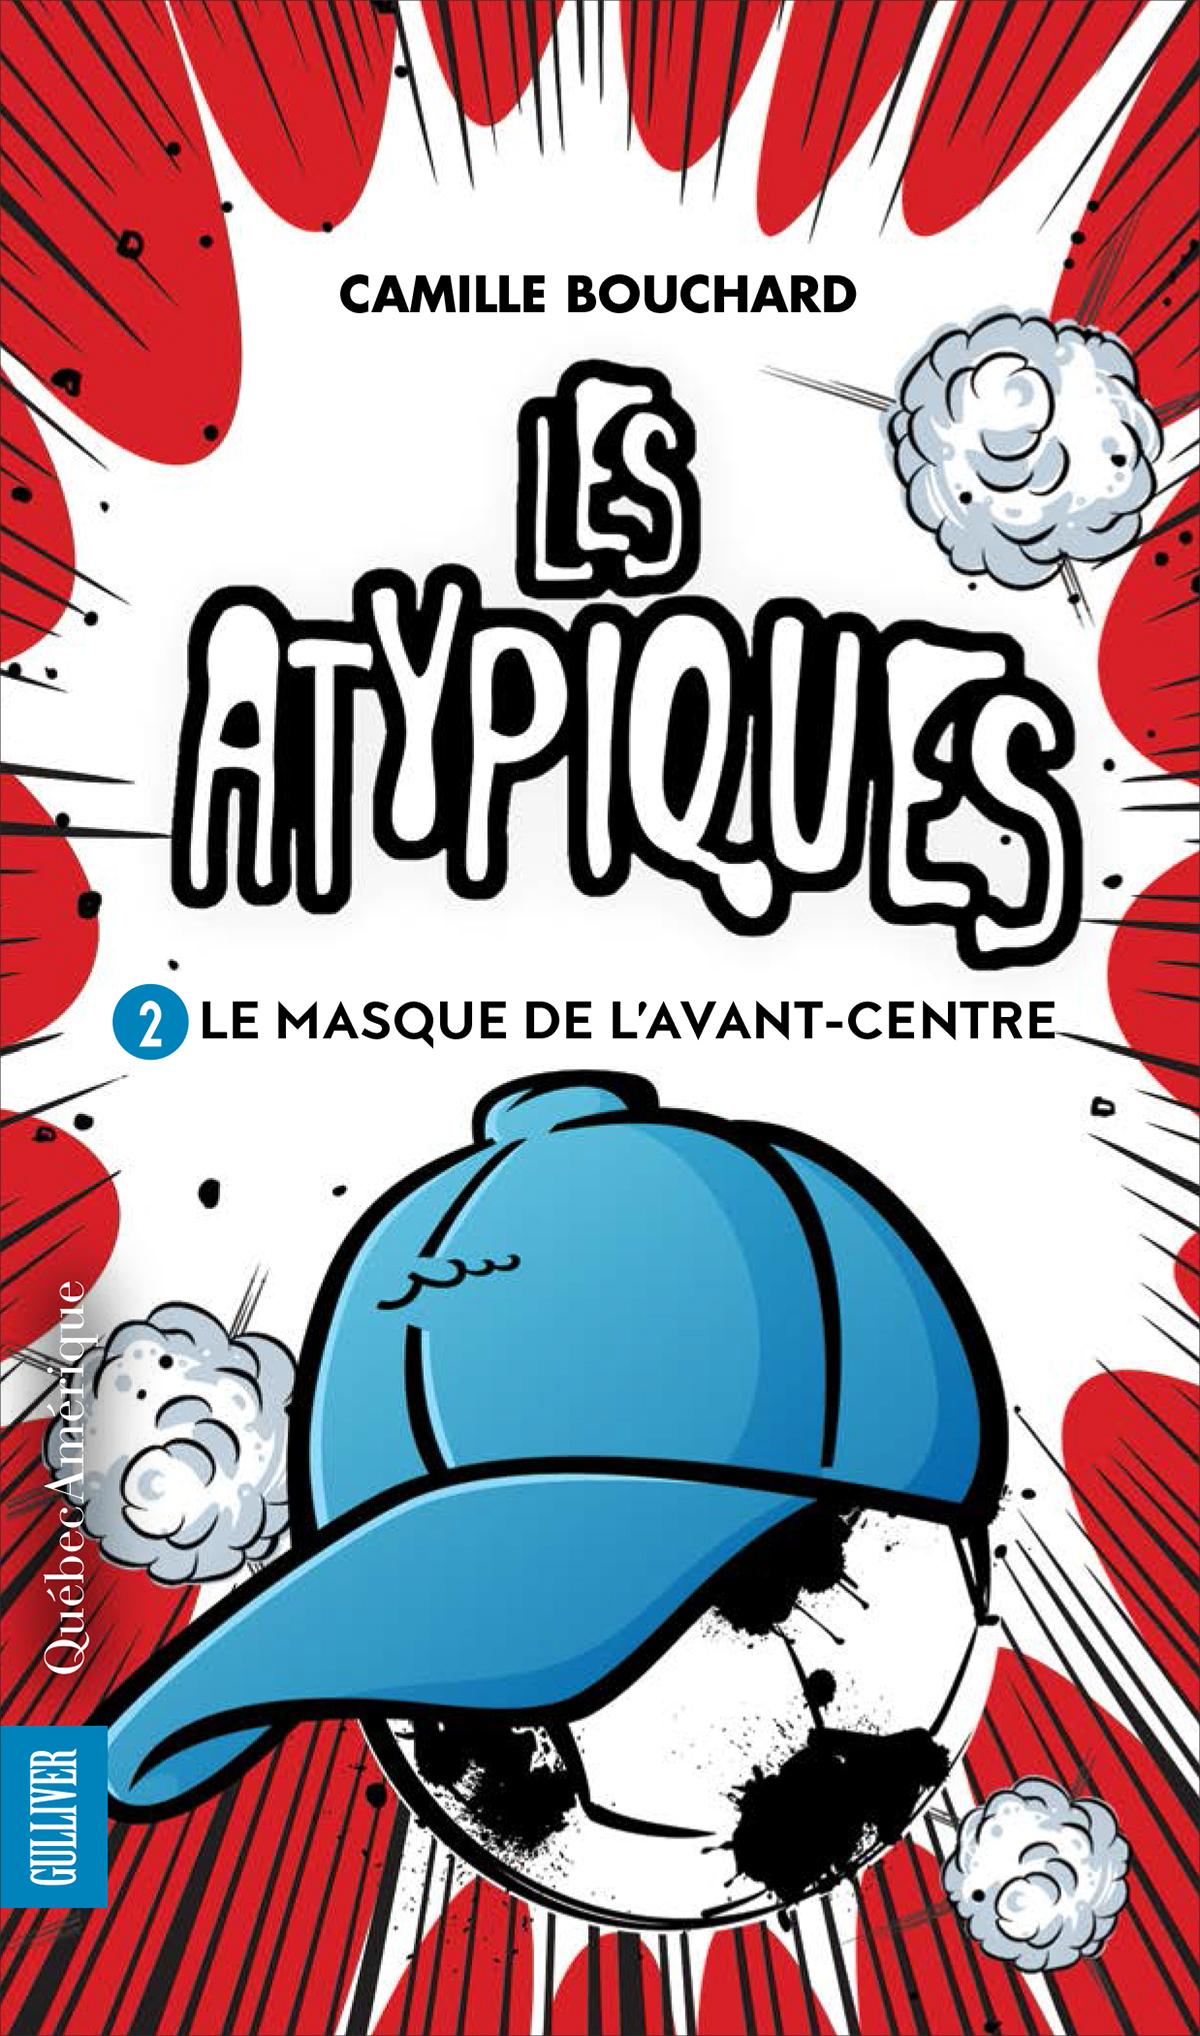 Les Atypiques 2 - Le Masque de l'avant-centre